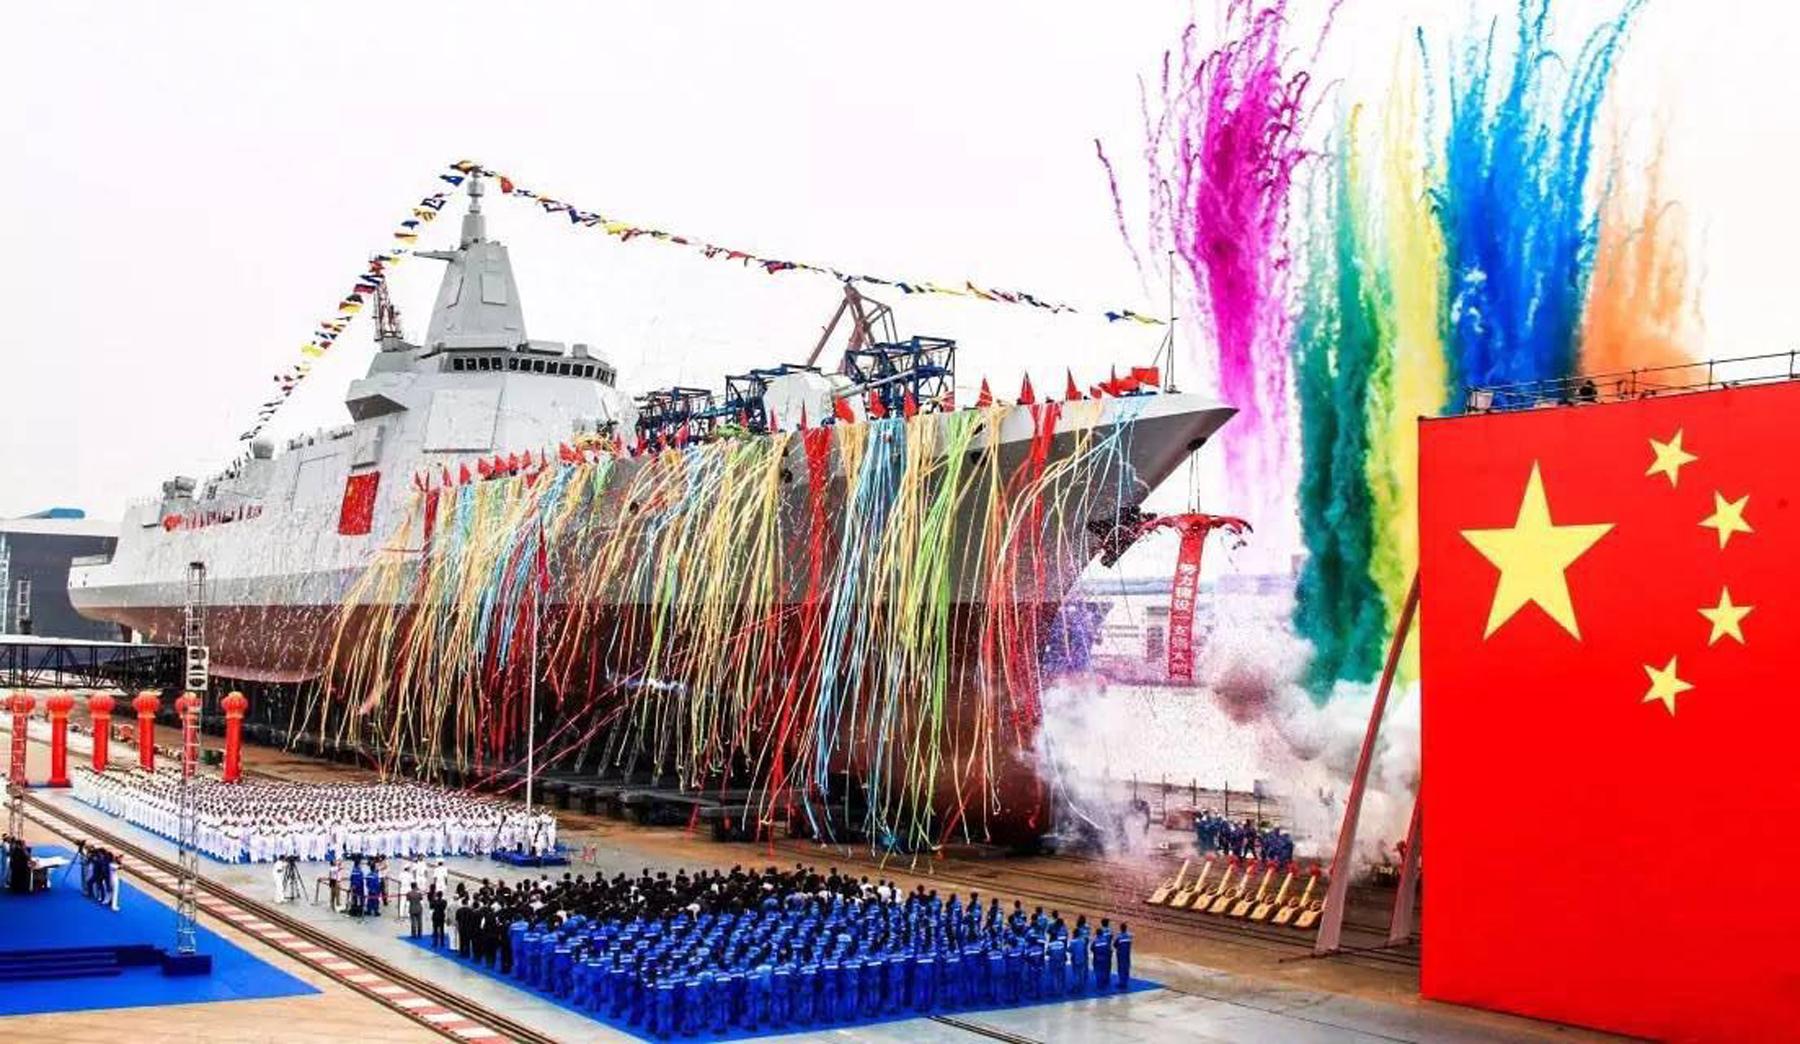 055大驱下水凭啥霸屏?能反导的亚洲最强驱逐舰